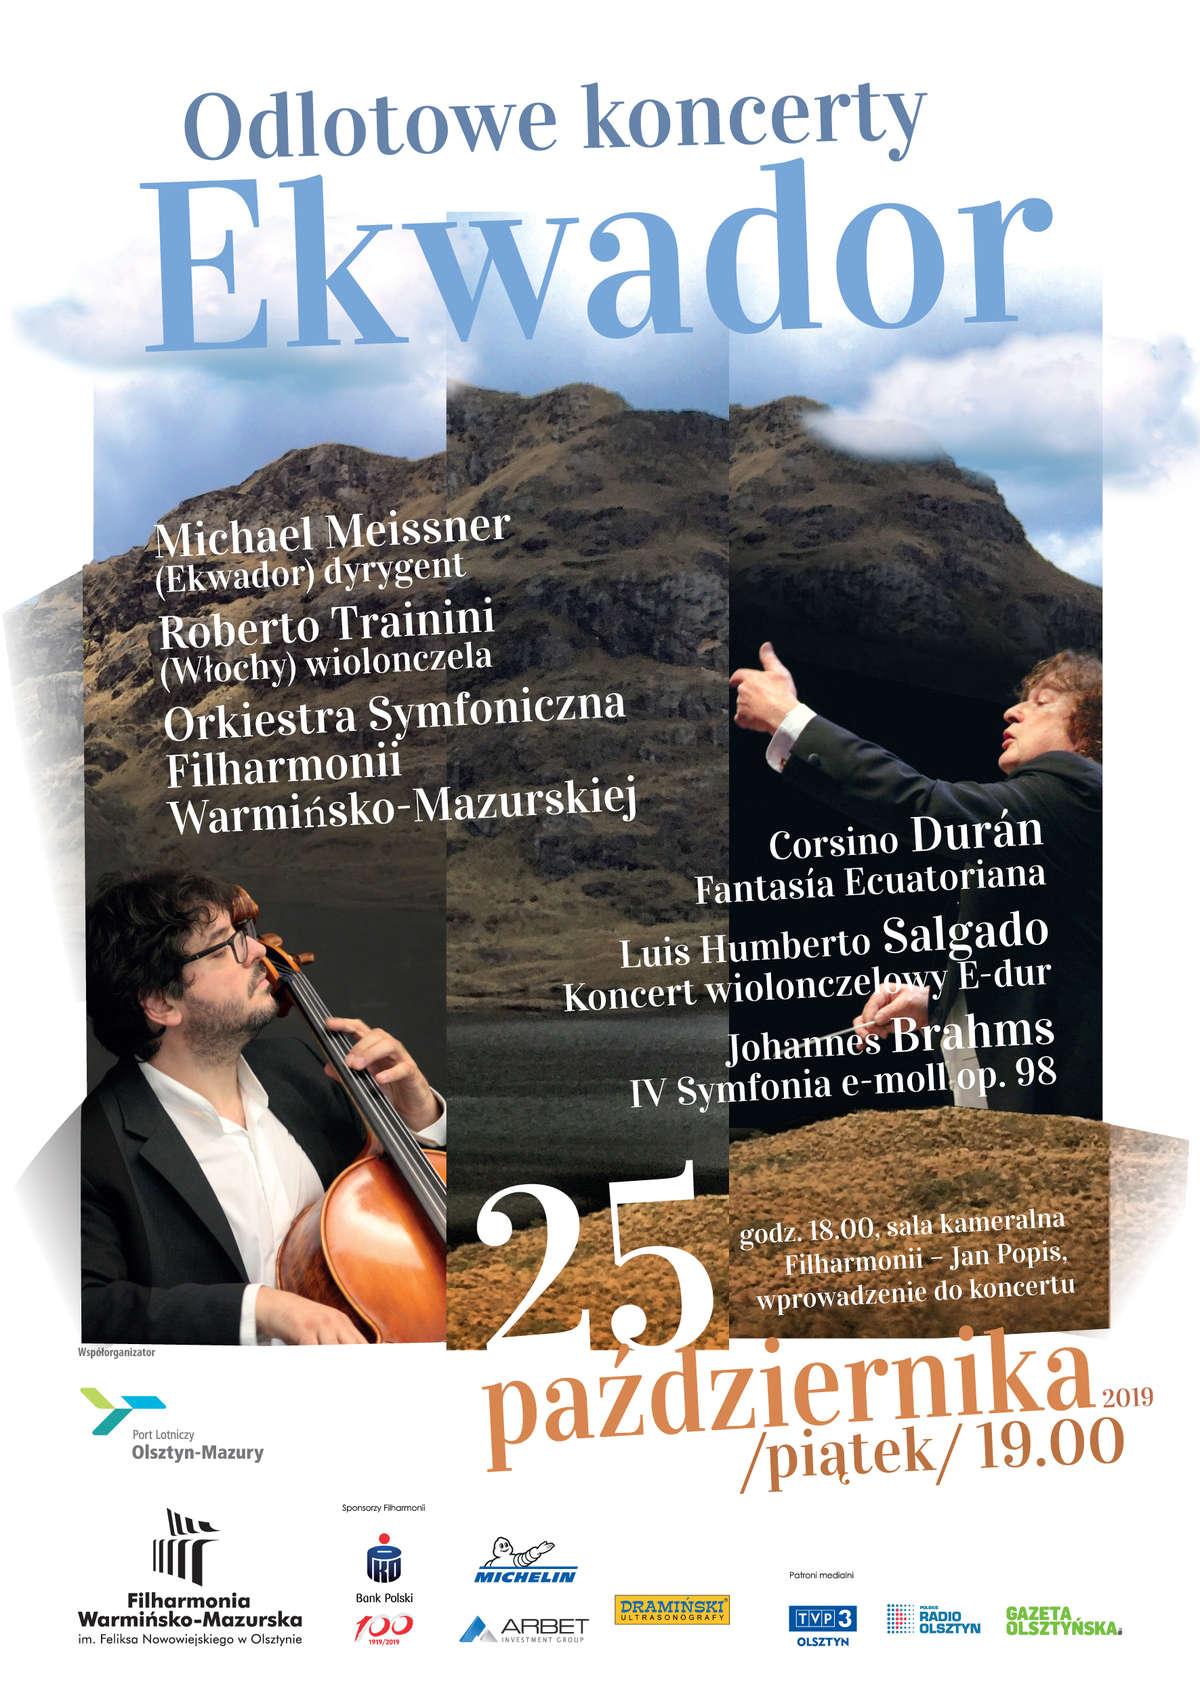 Plakat koncertu - full image